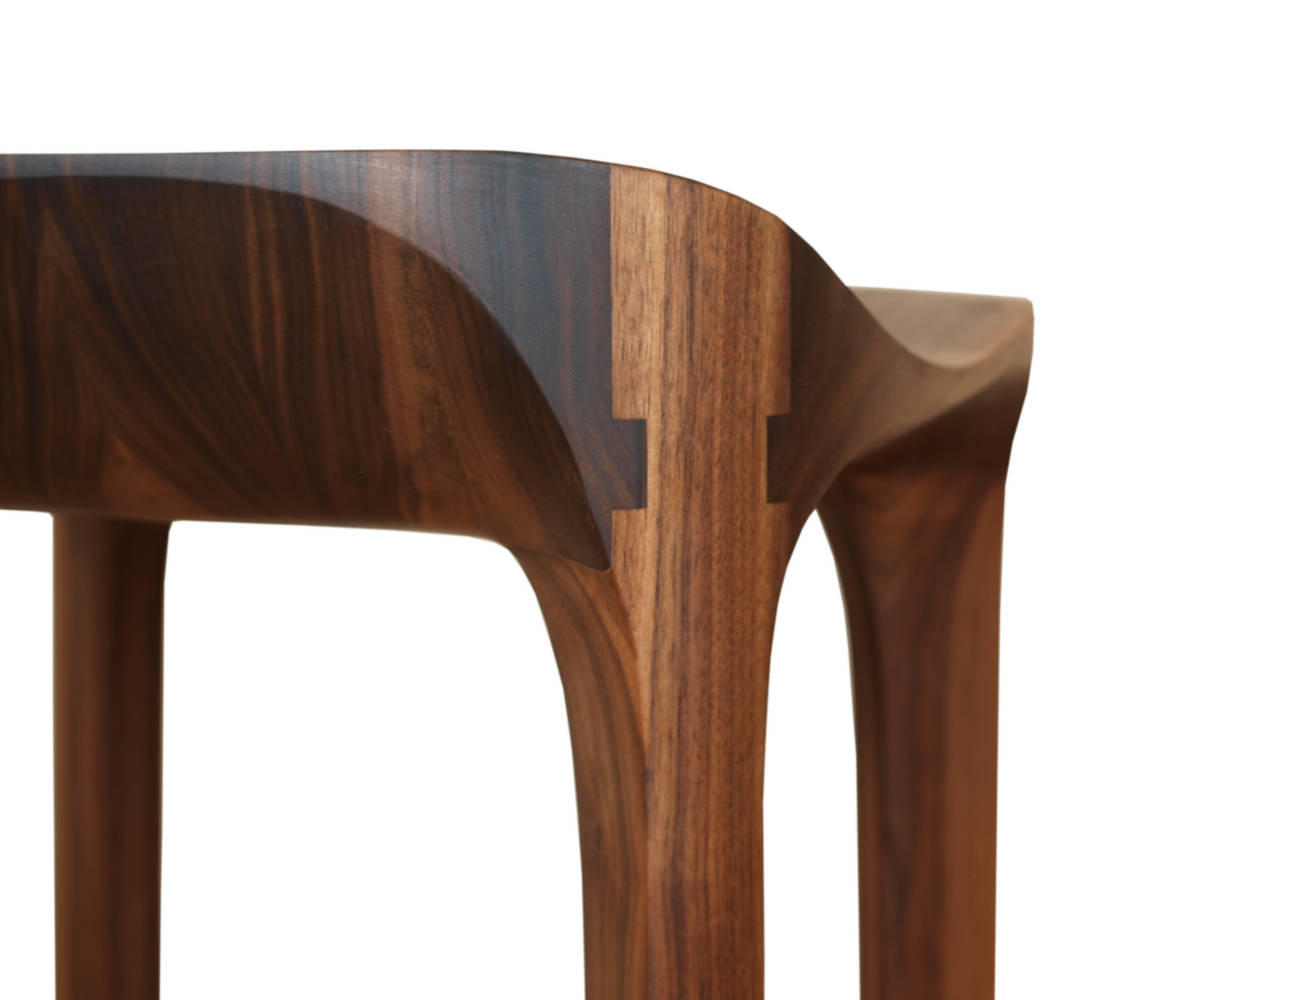 Die Sitzfläche und die Beine des Barhockers sind mit Nut - und Federverbindungen dauerhaft verleimt.